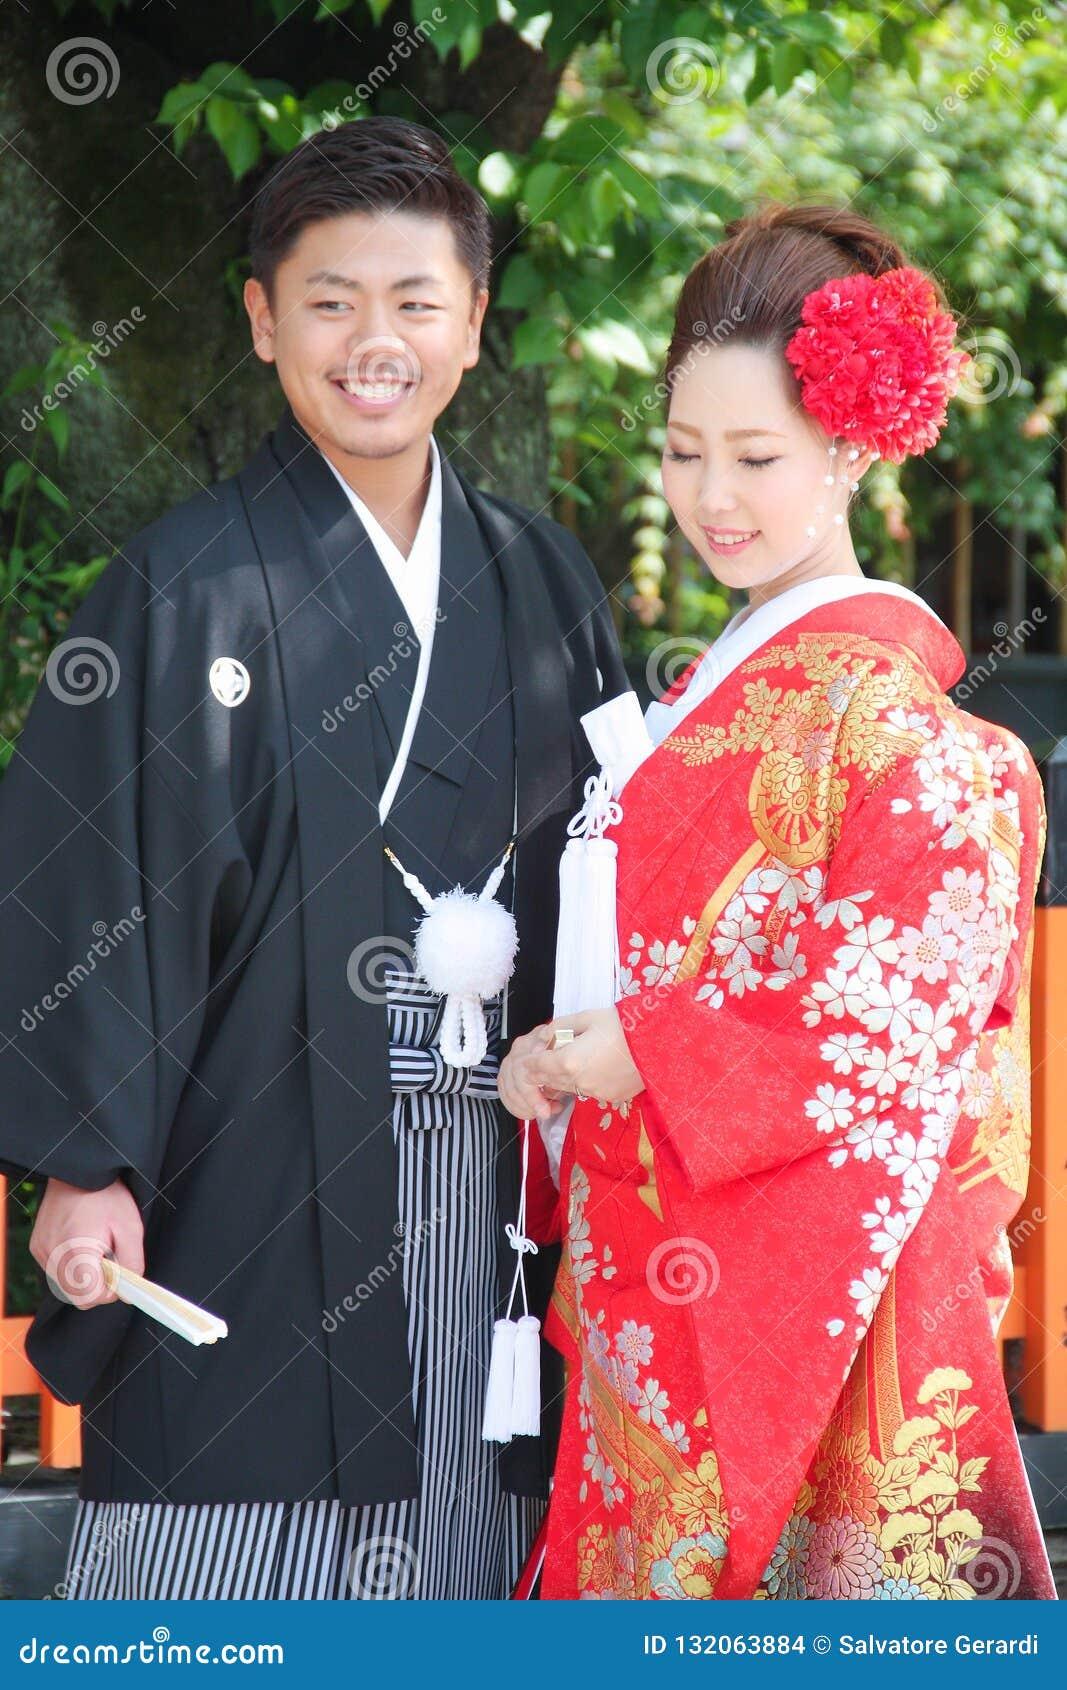 Vestiti Da Sposa Giapponesi.Bella Sposa E Sposo Che Portano Vestito Da Sposa Giapponese